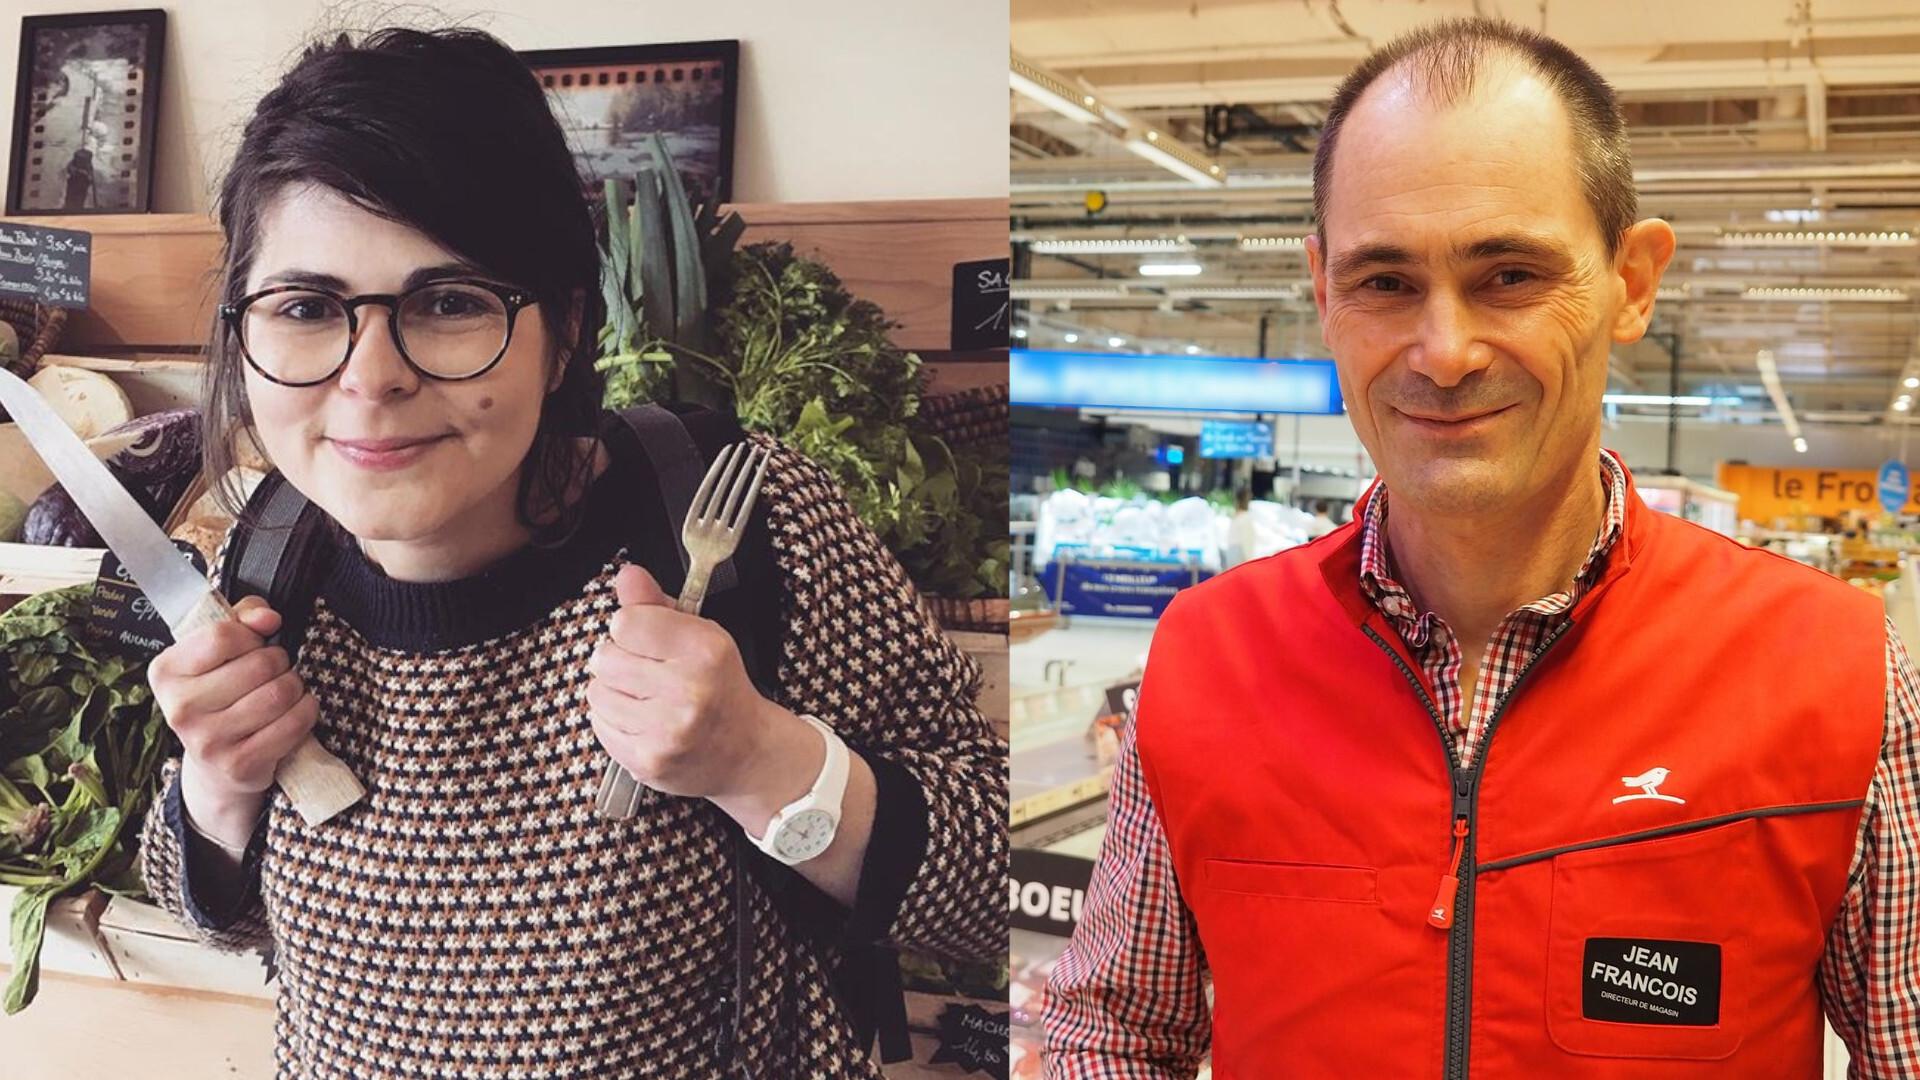 Rencontre résilience 4 Jean-François Moreau et Lucie Vorilhon